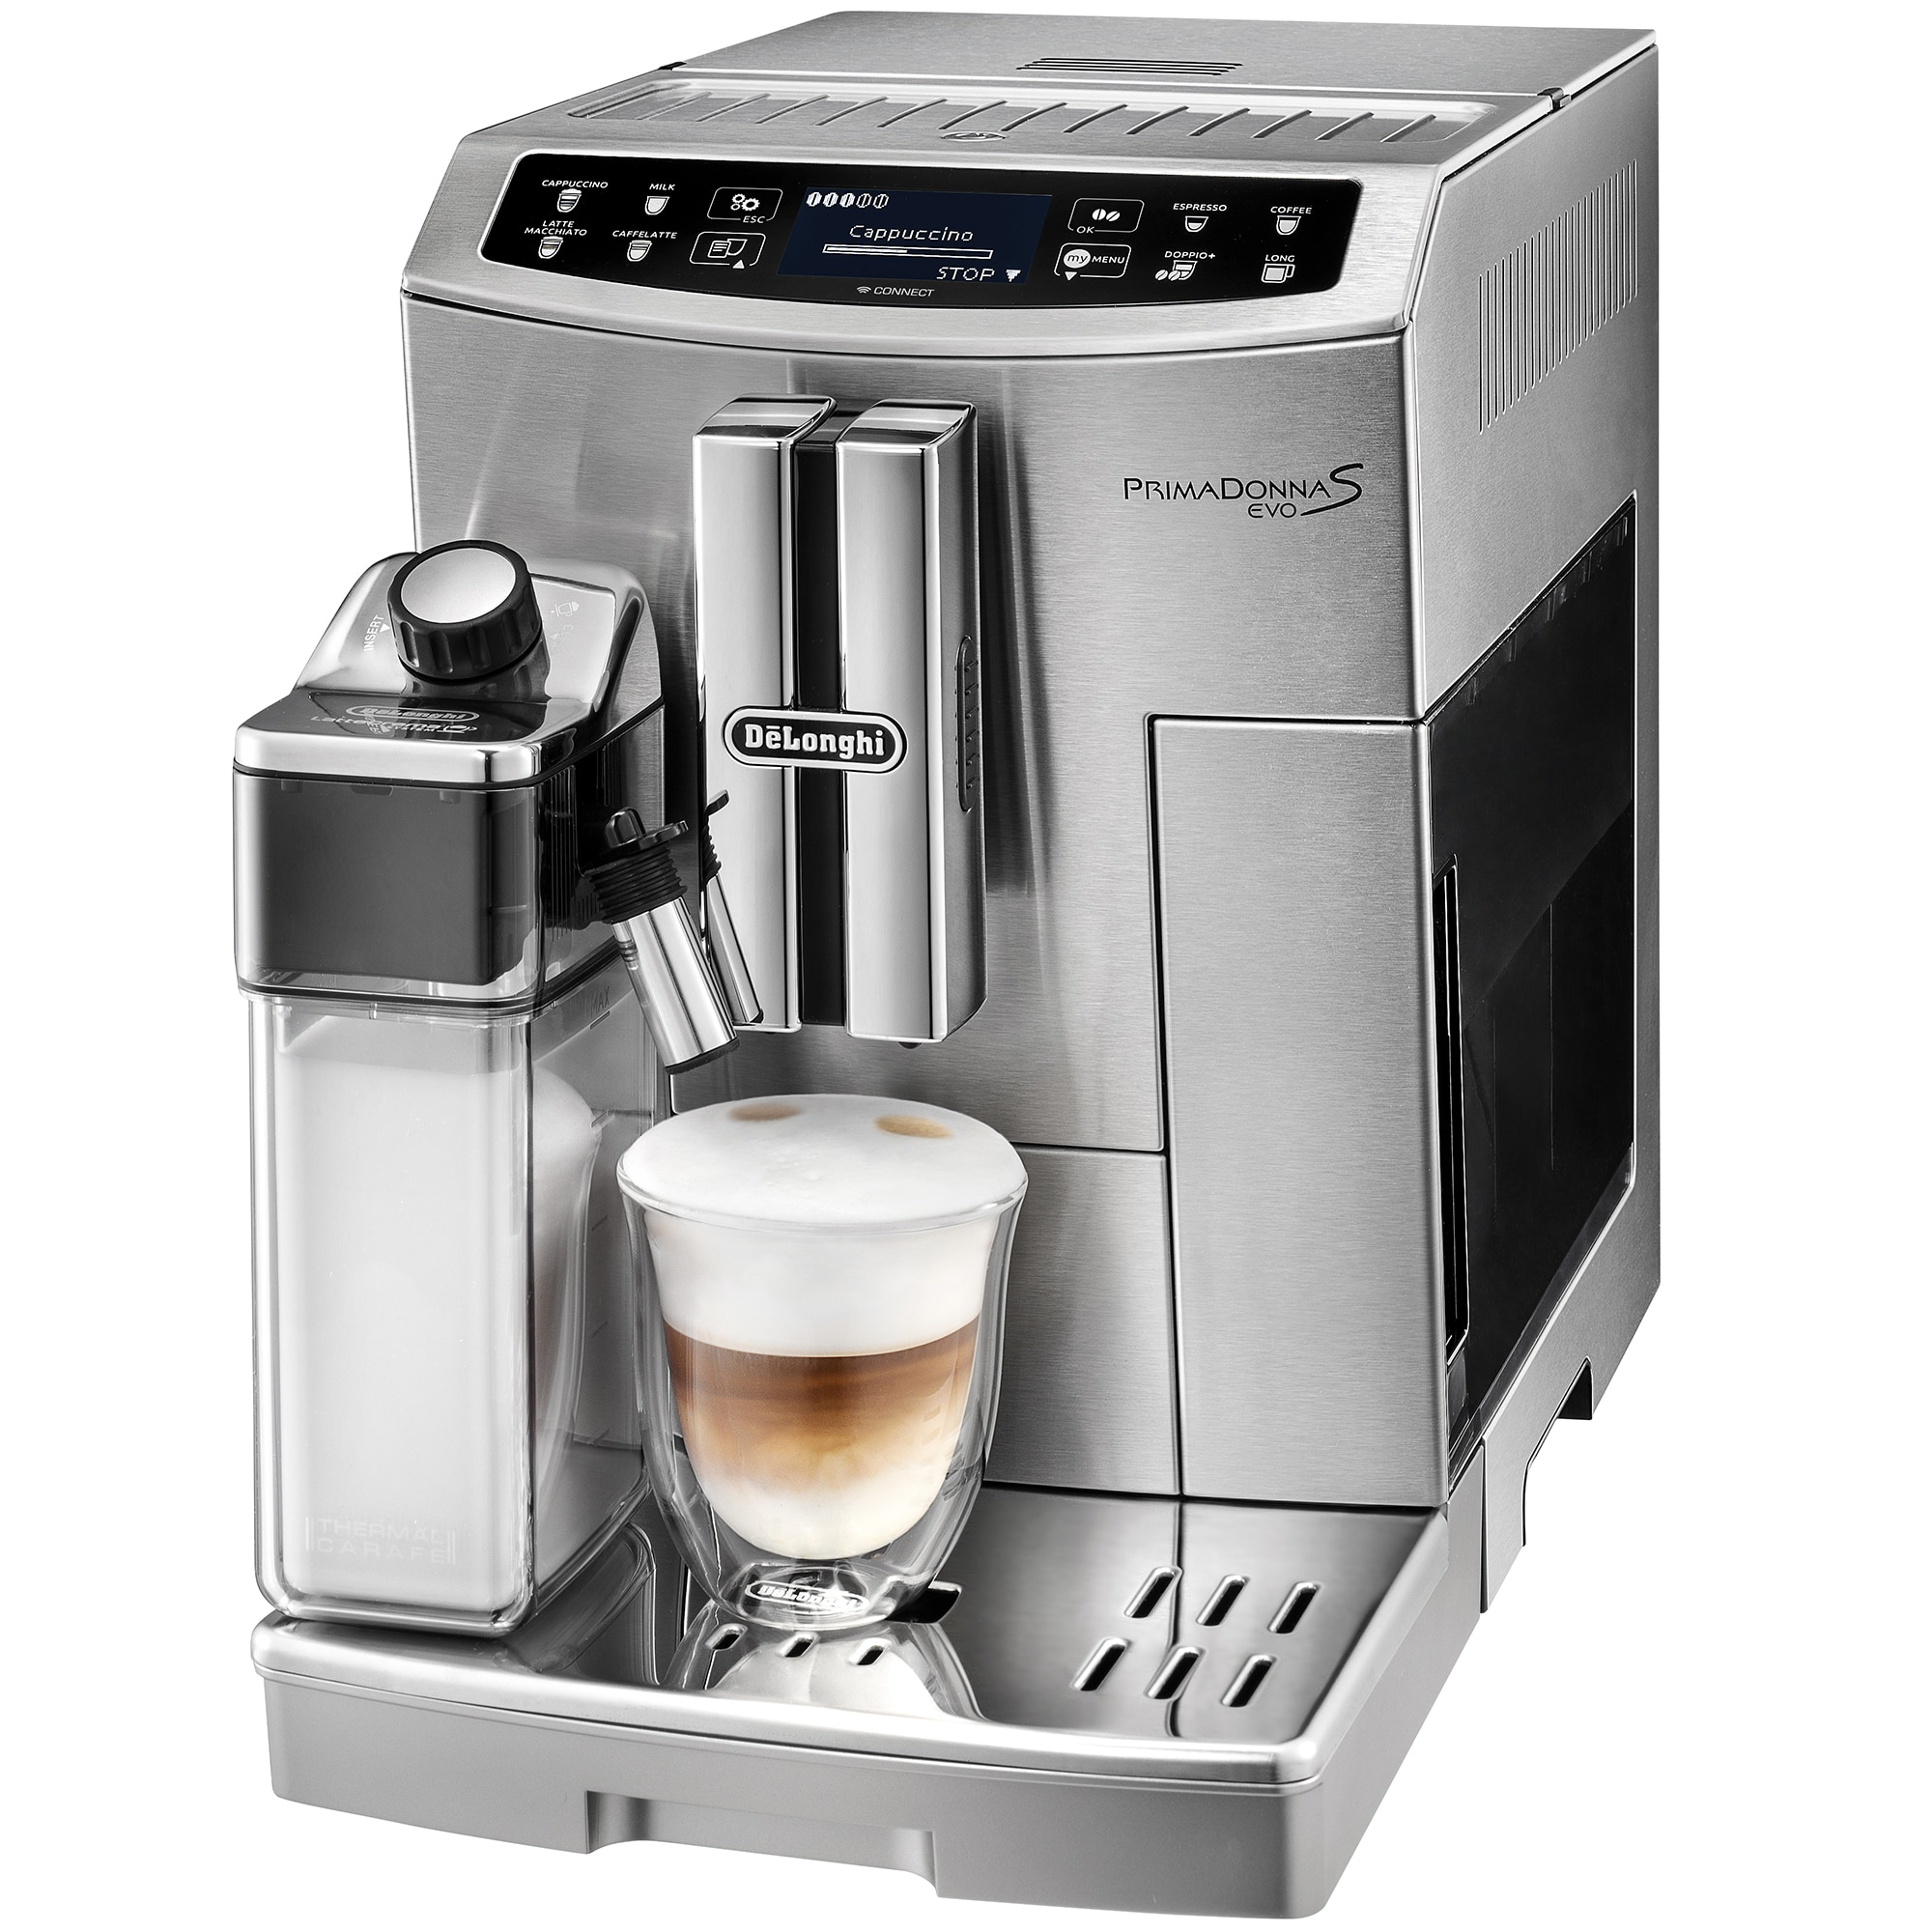 Fotografie Espressor automat De'Longhi ECAM 510.55.M, 1450 W, 1.8 L, 15 bar, Argintiu